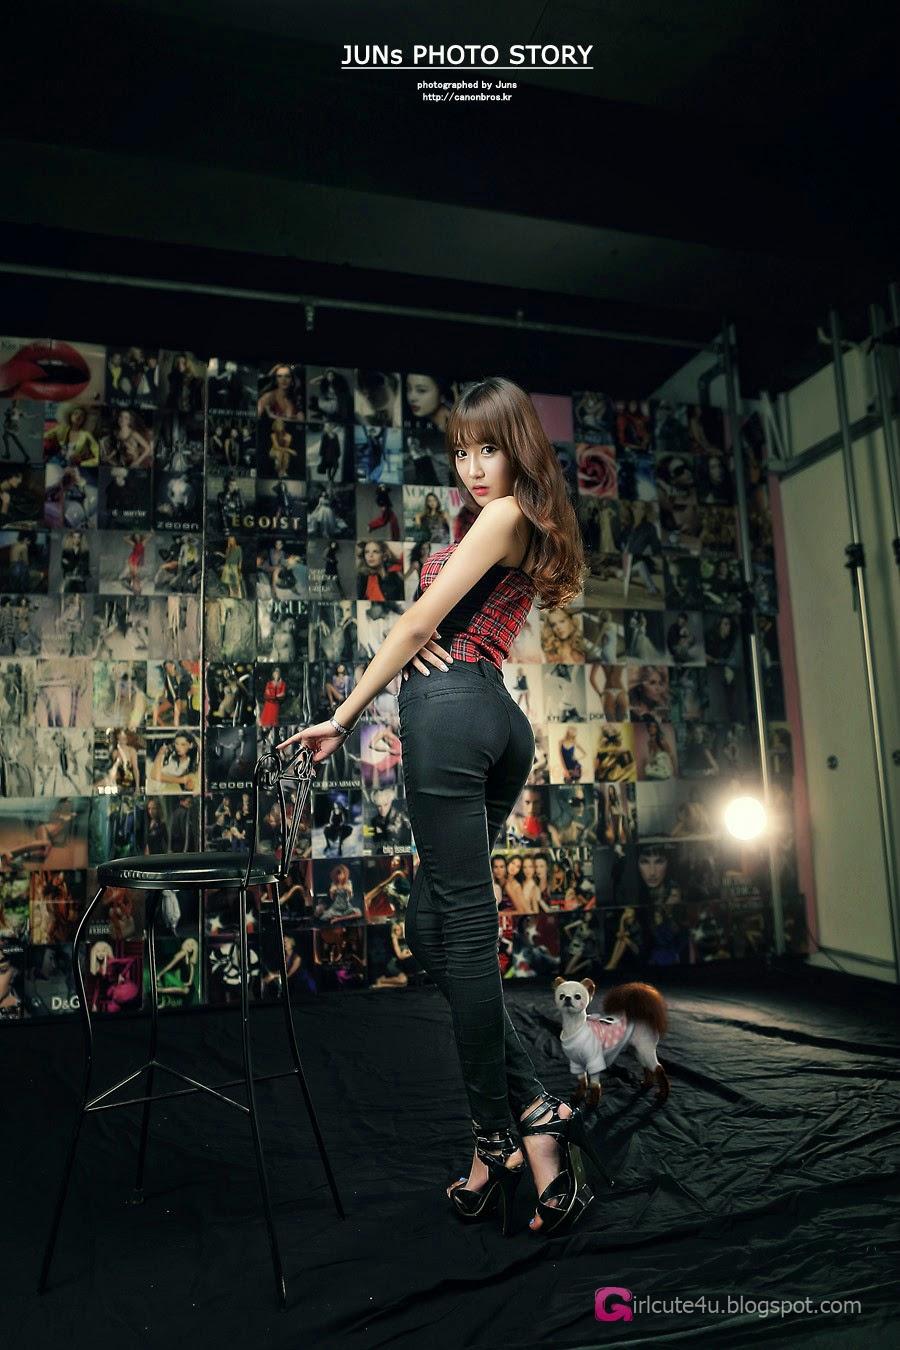 5 Jo In Young - very cute asian girl-girlcute4u.blogspot.com